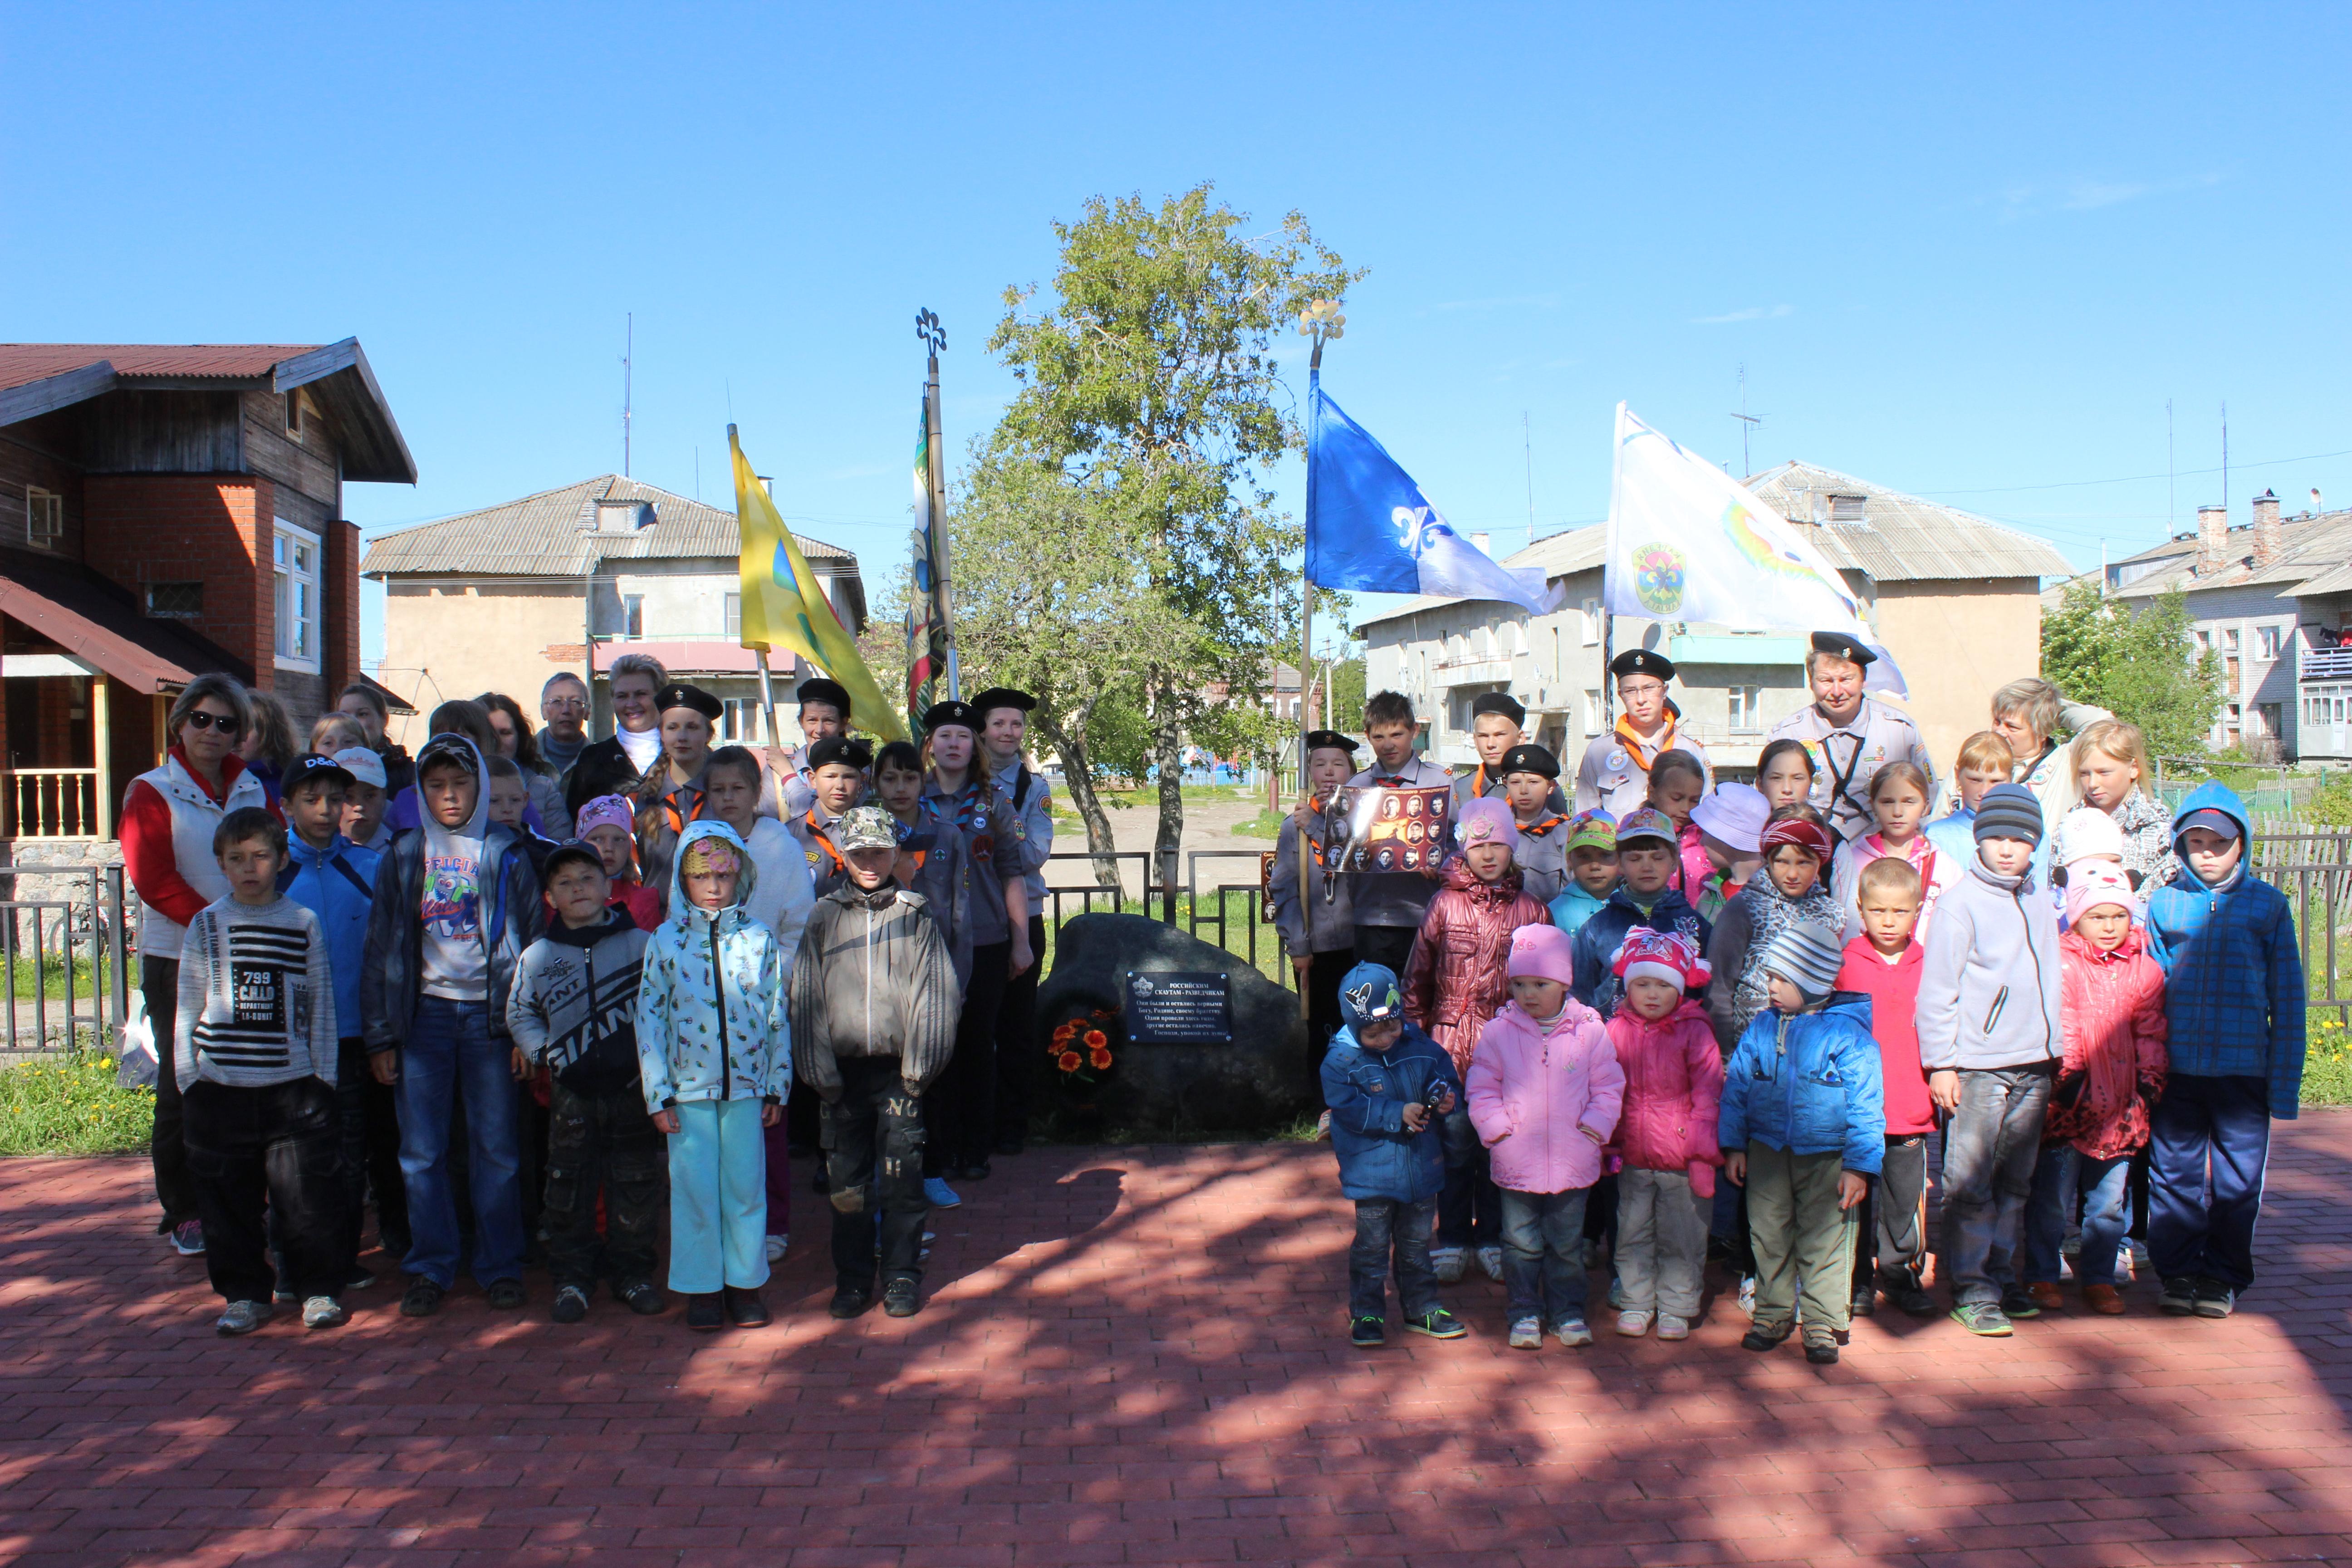 Фотография с участниками церемонии. Местные жители и ребята со школьной